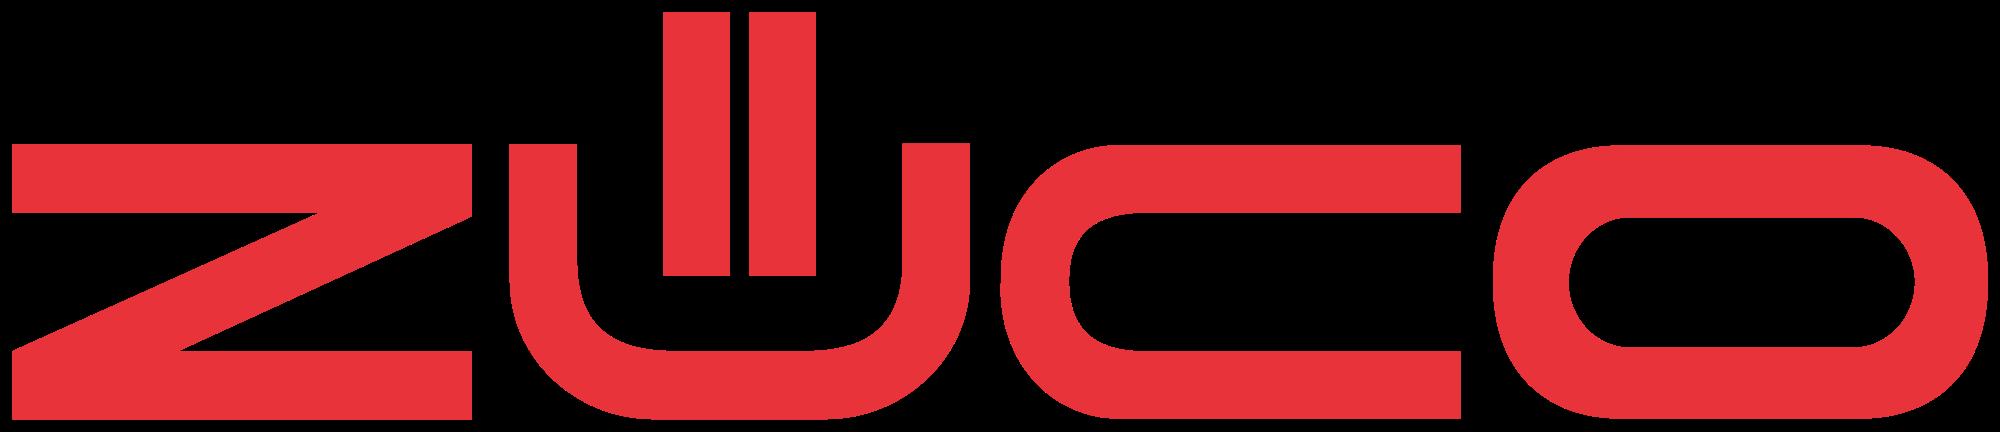 Züco Logo